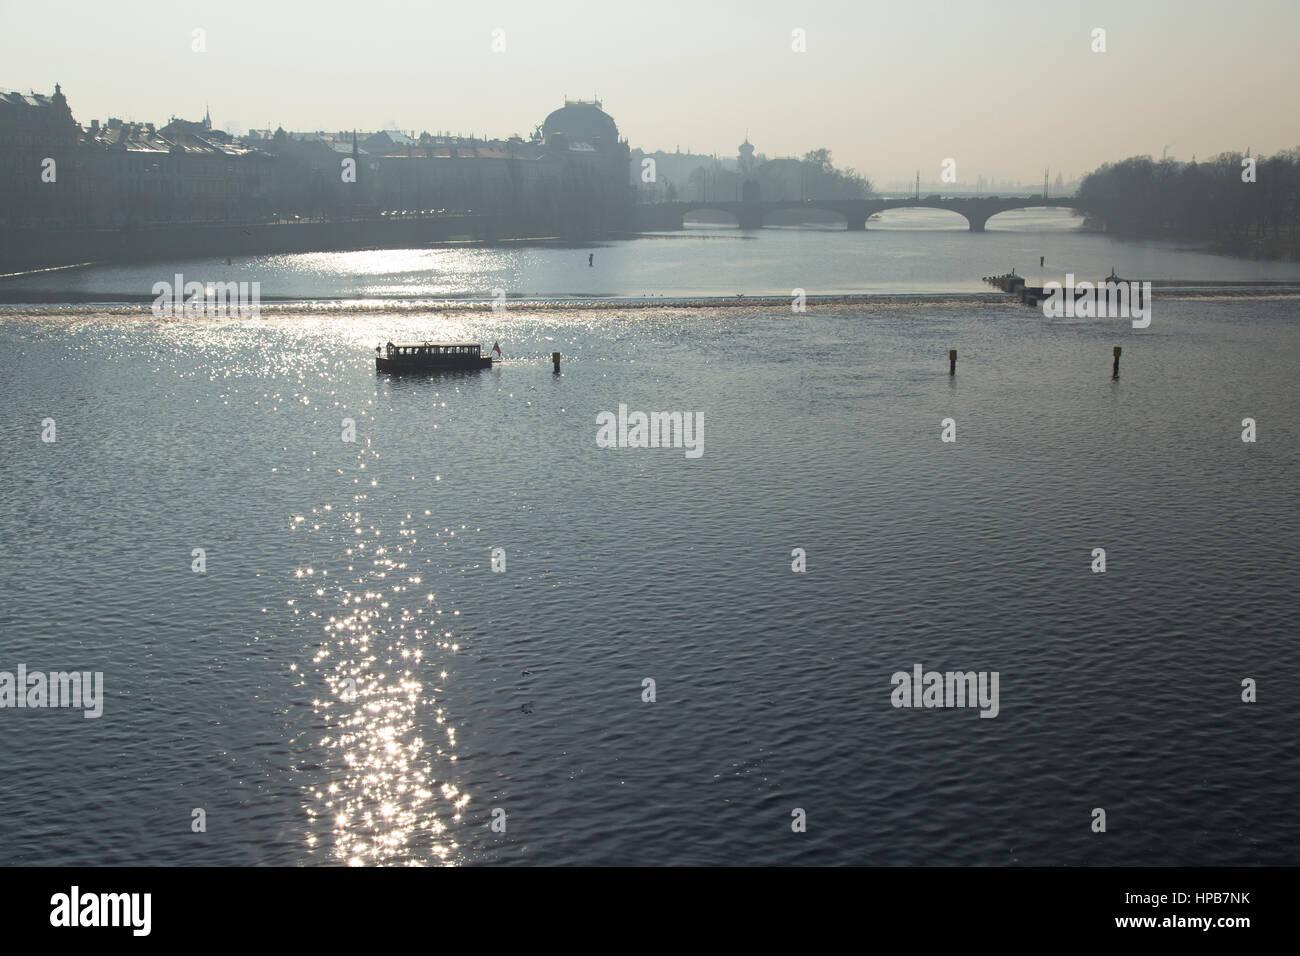 L'avoine plaisir sur la rivière Vltava à Prague République tchèque en hiver Photo Stock